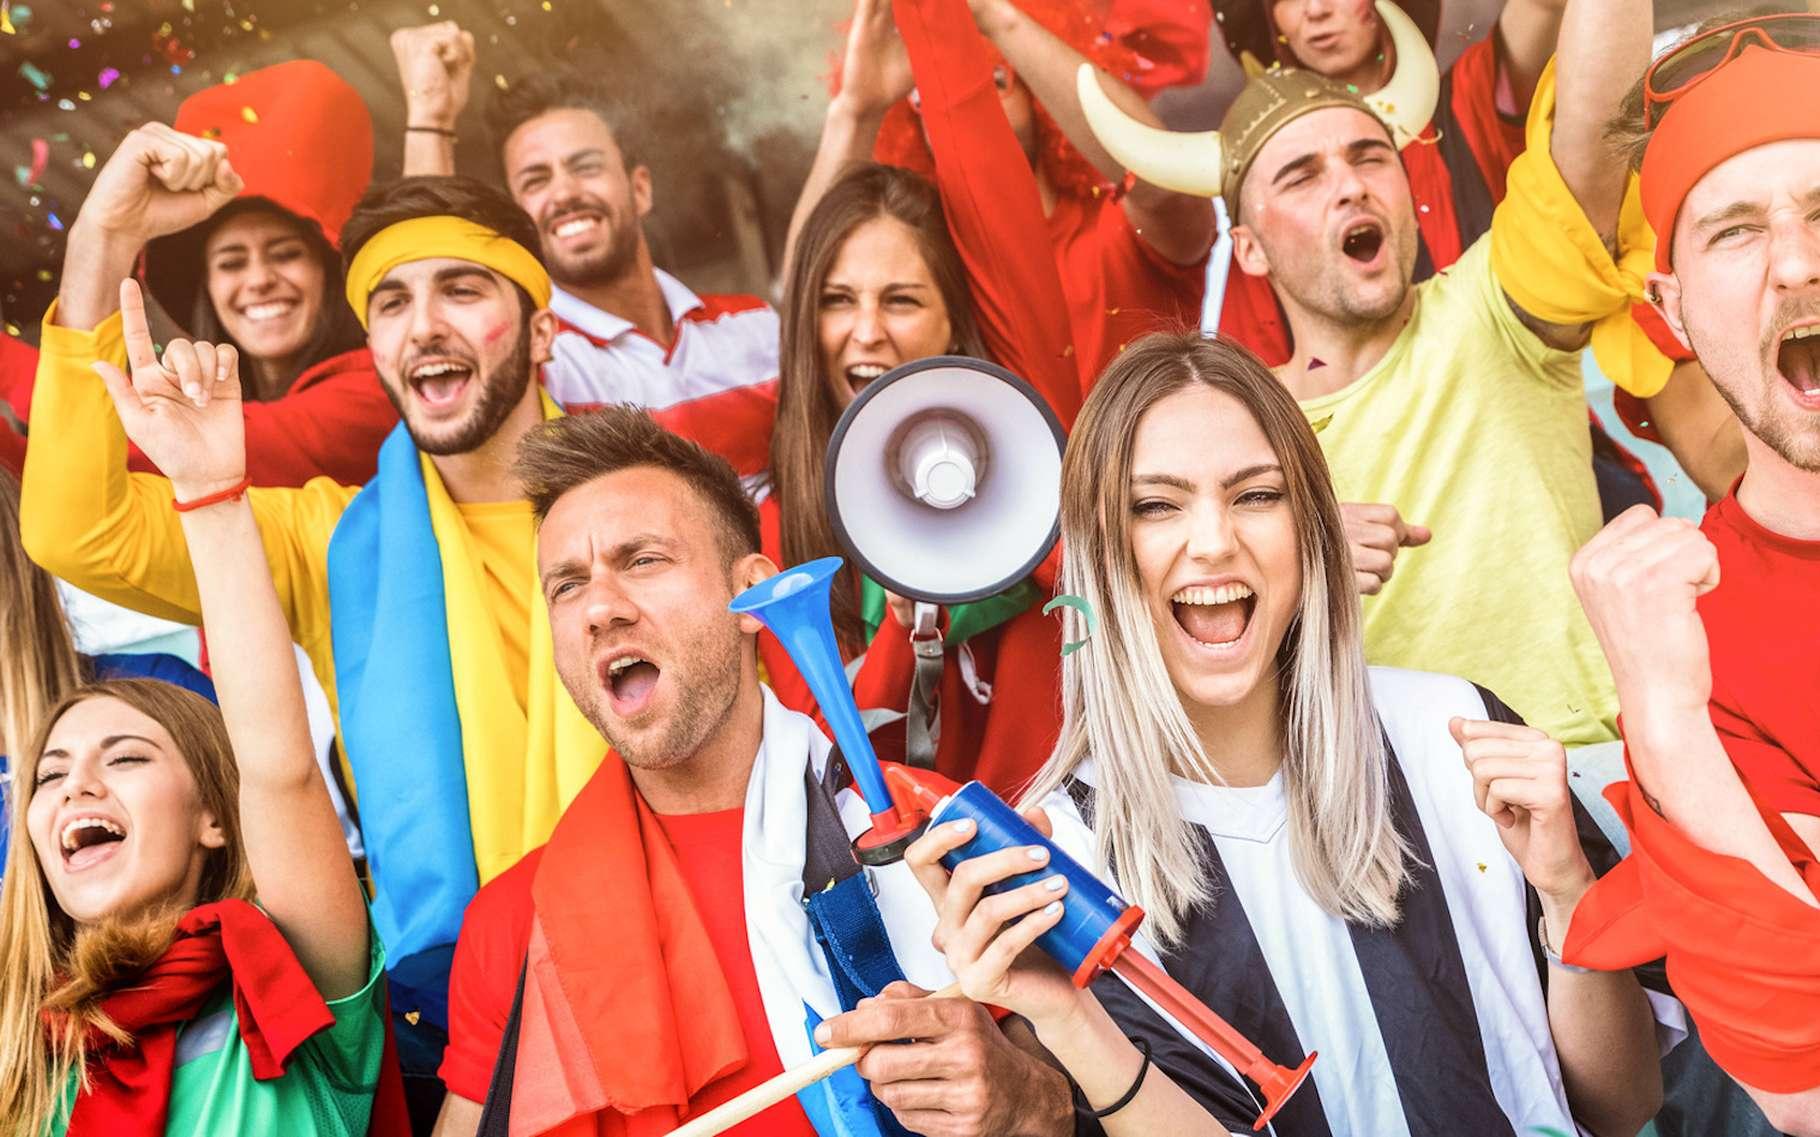 Lorsque leur équipe a ouvert le score face à l'Allemagne, hier, la ferveur des supporters mexicains a été telle qu'un microséisme a été enregistré à Mexico. © Mirko, Fotolia